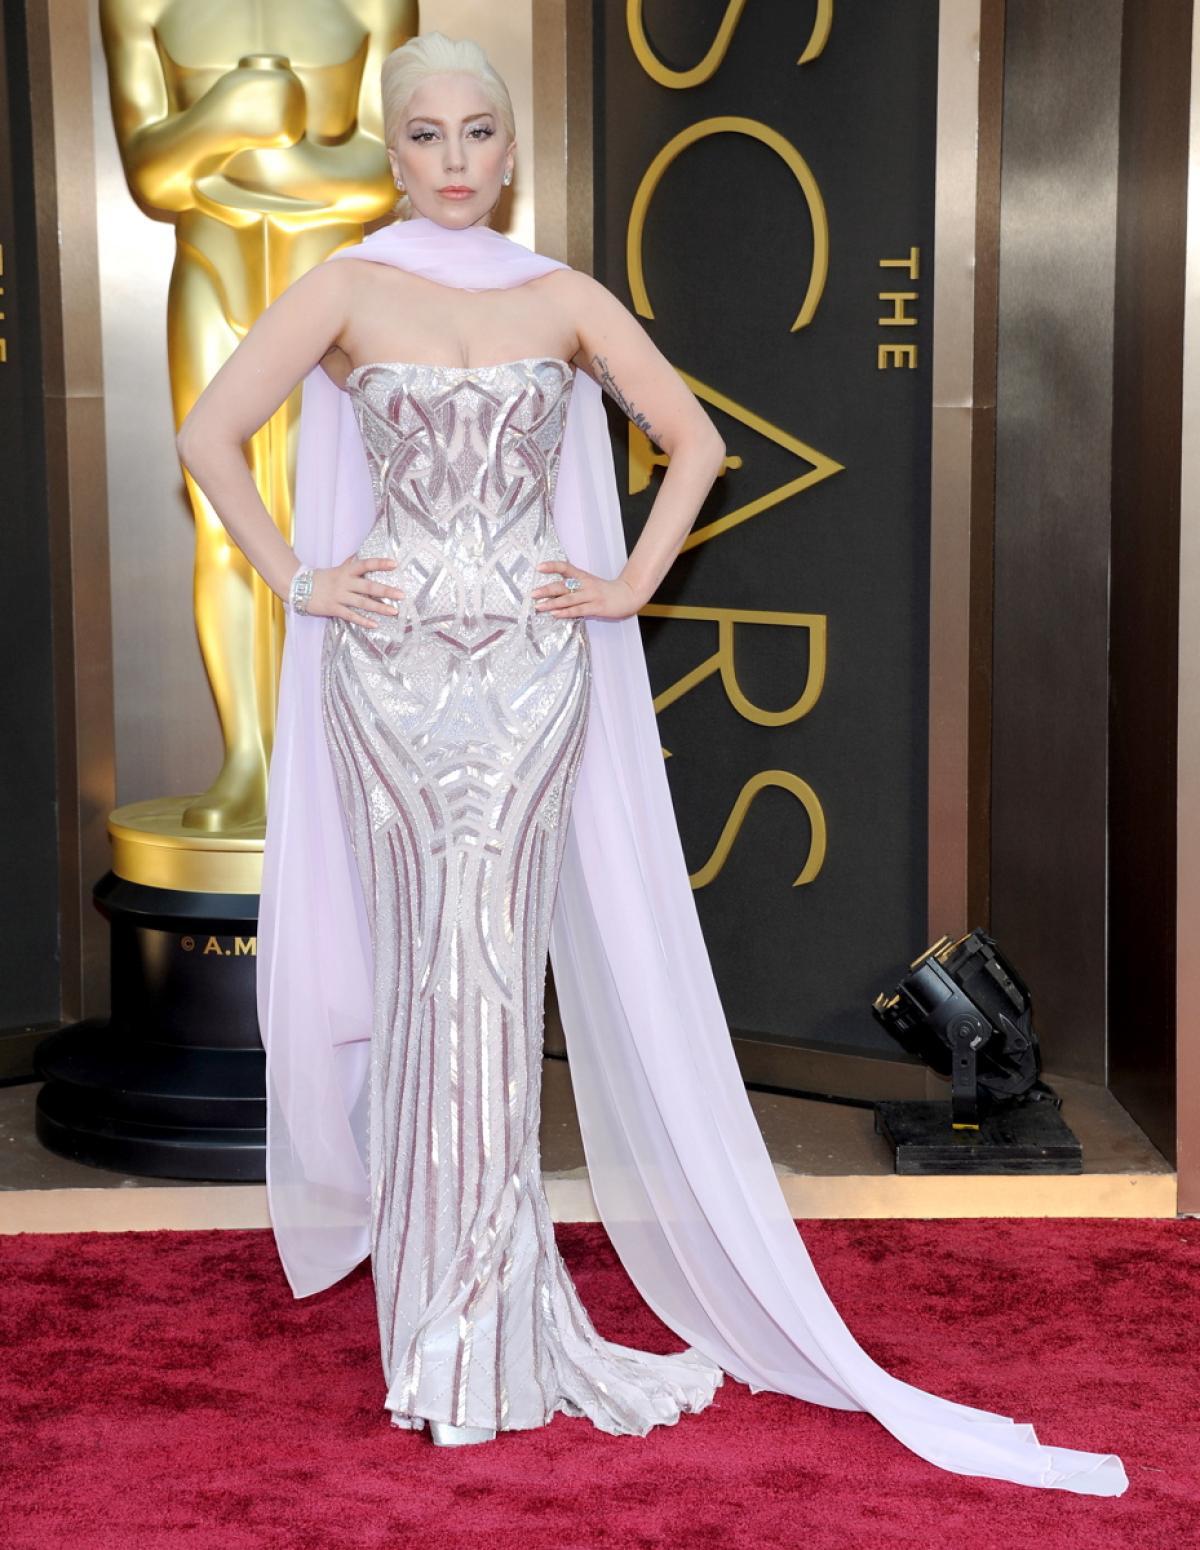 lady-gaga 2014 versace nydailynews